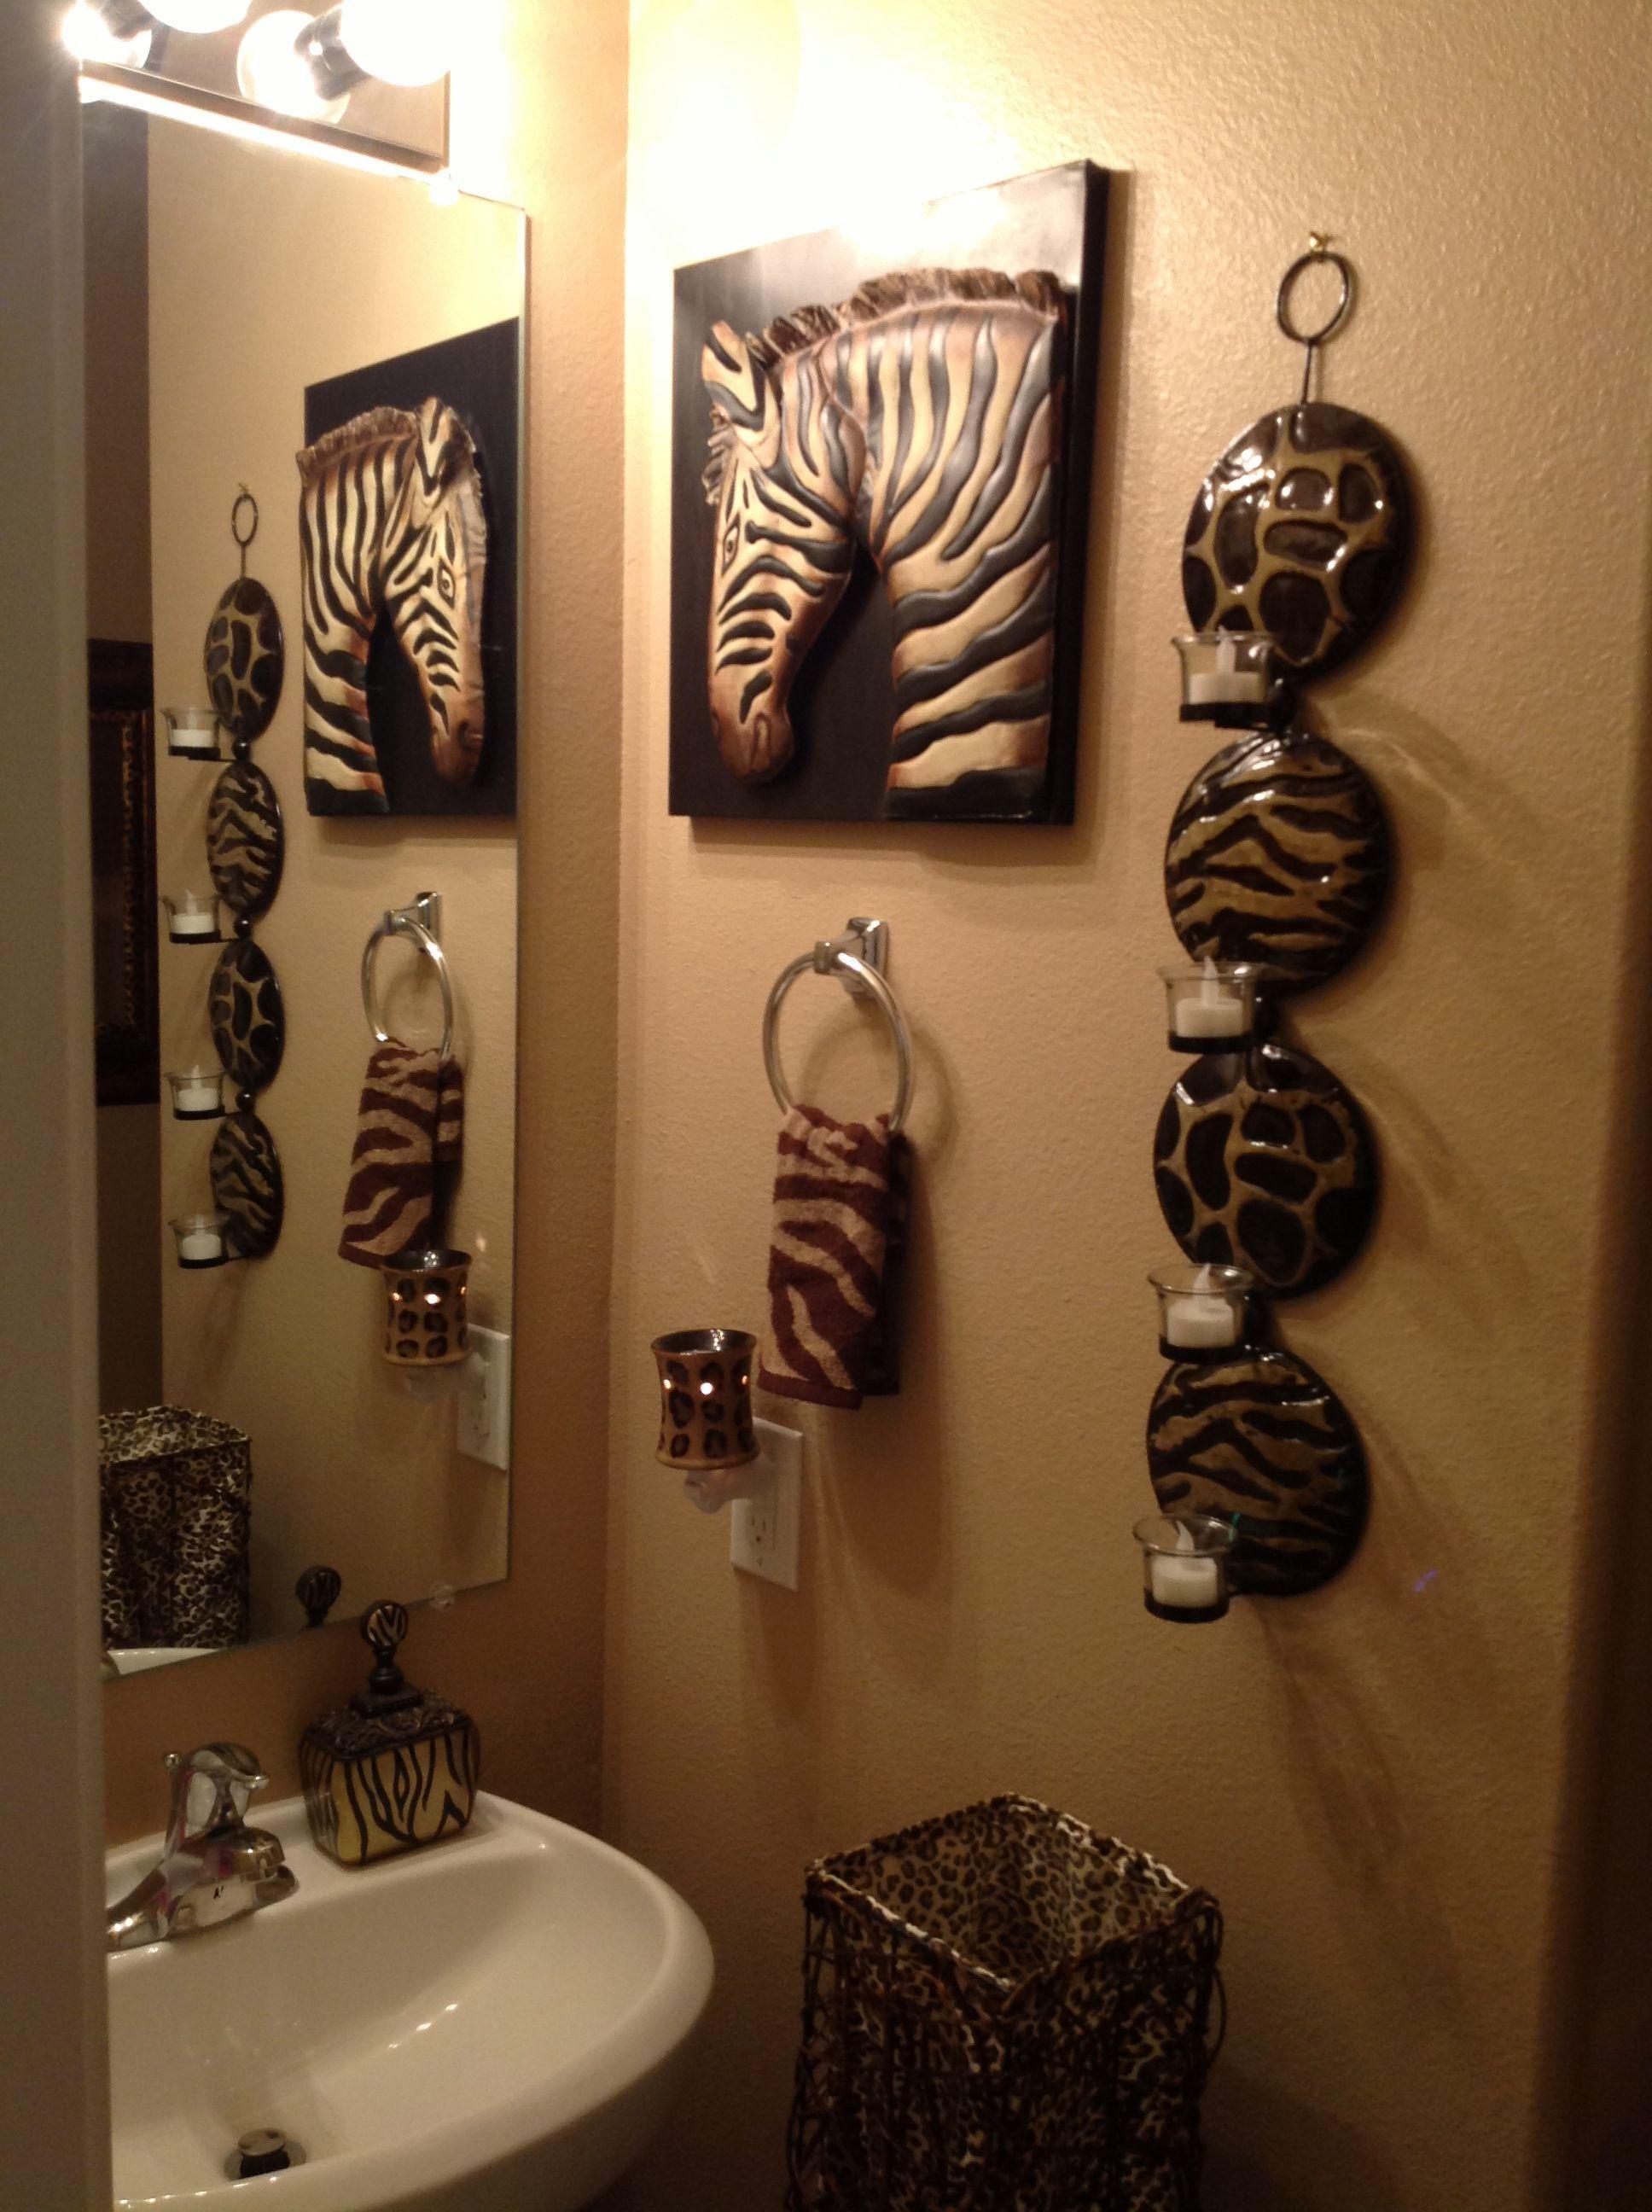 Pin On House Room Ideas For The Sims Global House Ideas African themed bathroom decor